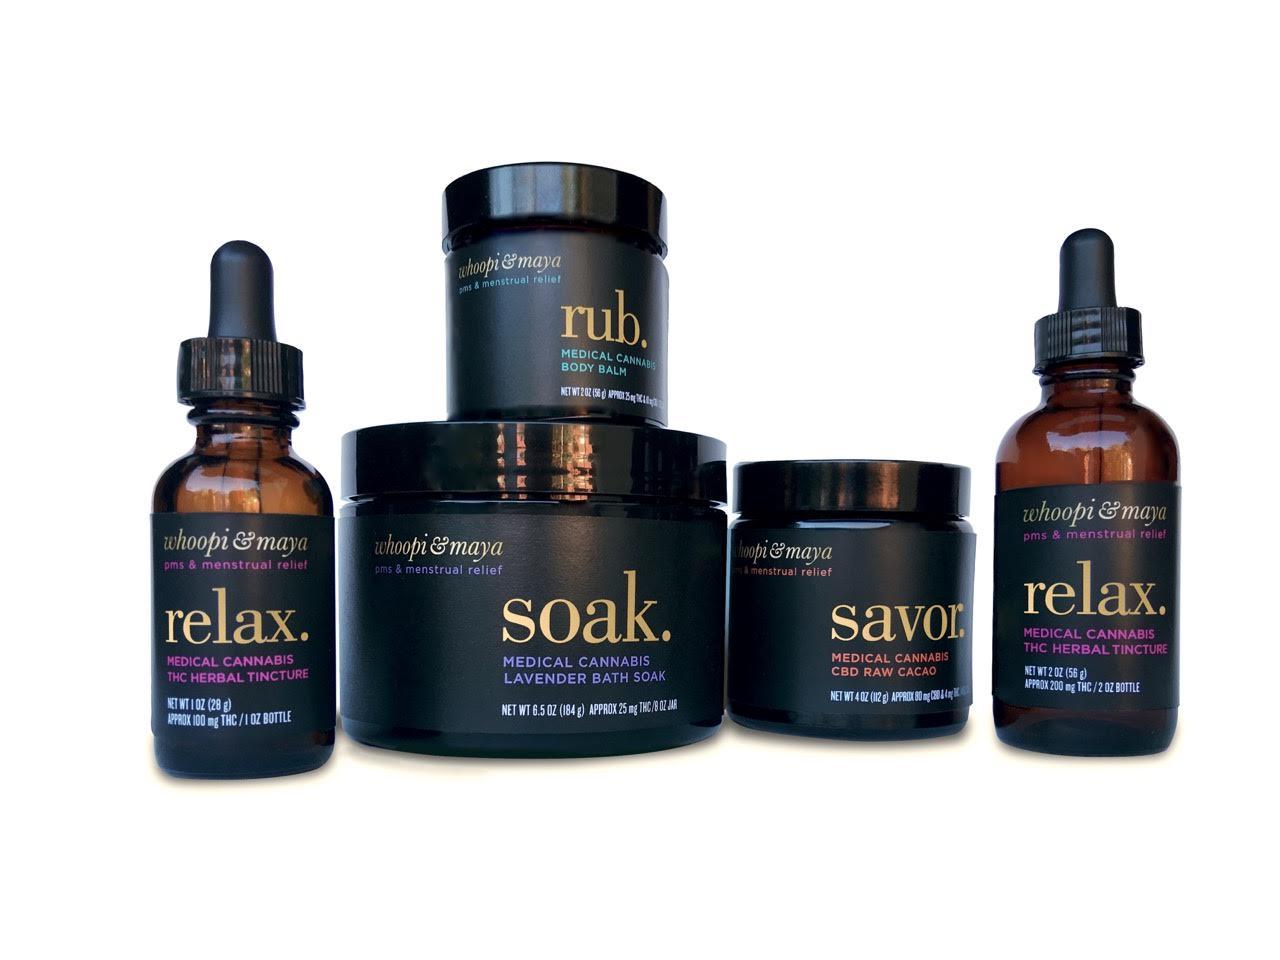 Whoopi & Maya cannabis products